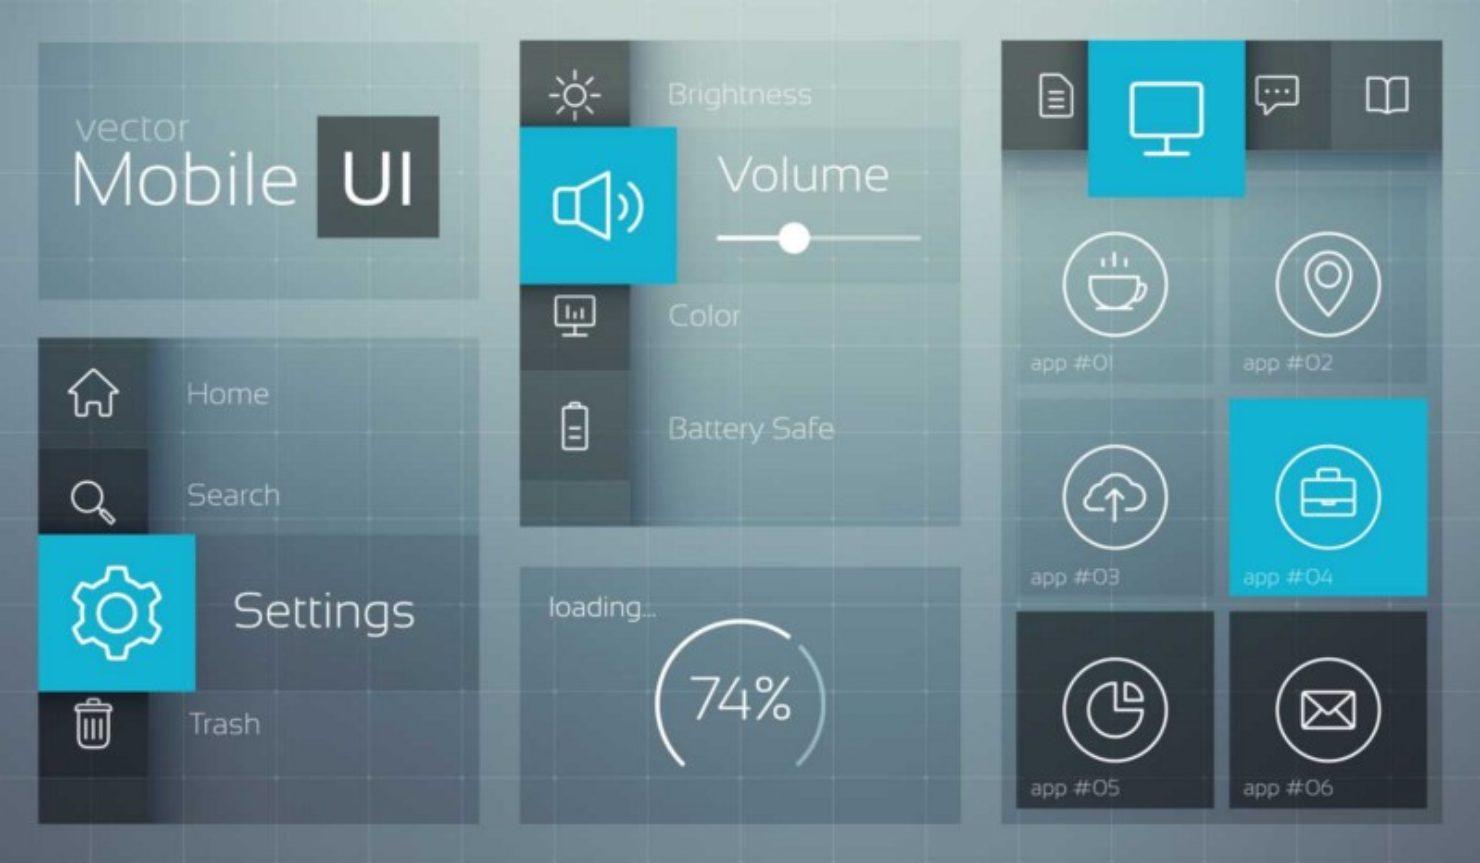 Статьи: UX vs UI vs IA vs IxD: что означают эти аббревиатуры?. Цель UI дизайнера состоит в том, чтобы сделать пользование максимально эффективным и простым